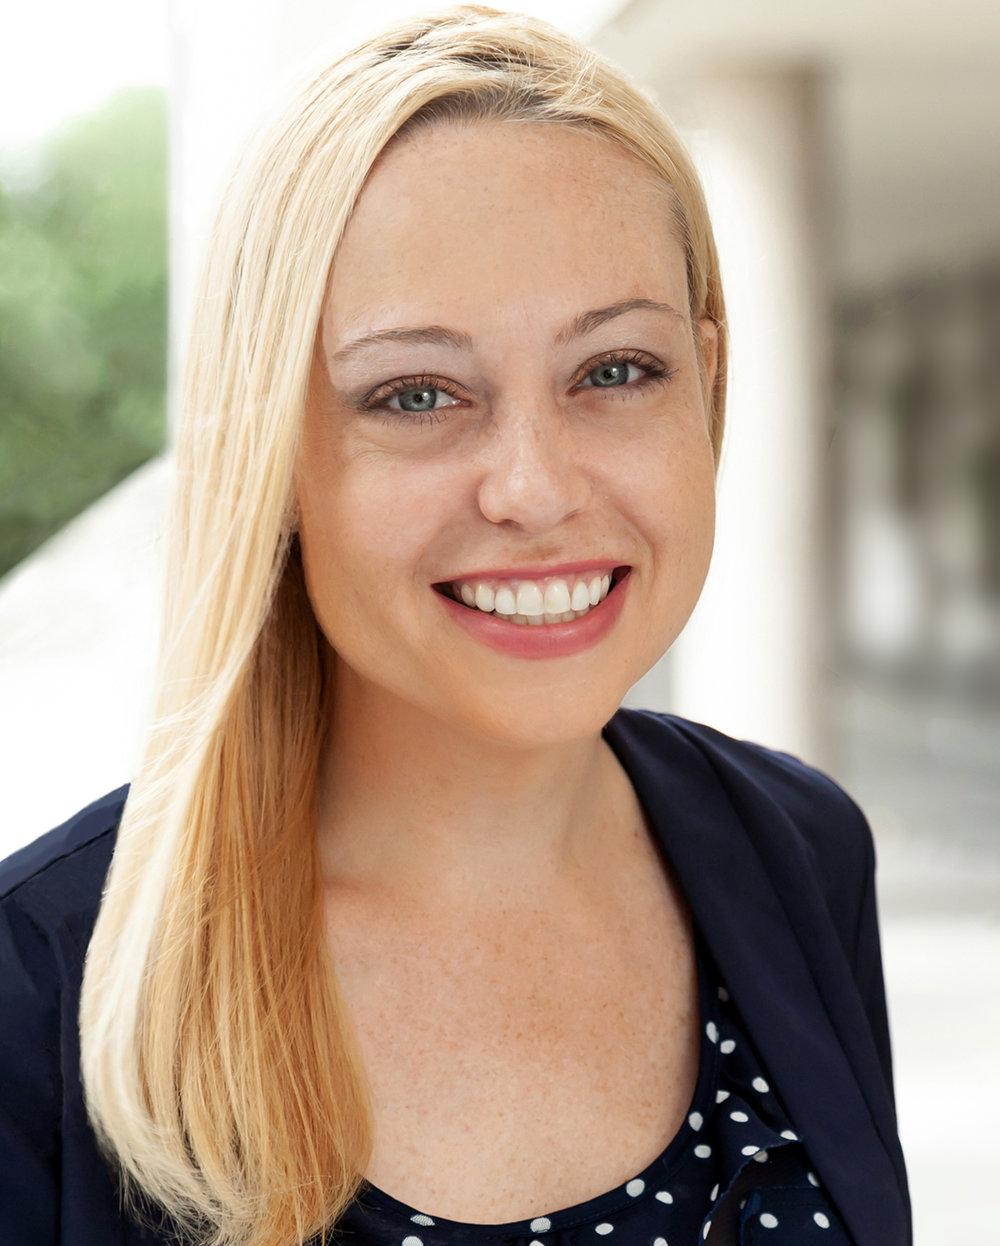 Jennifer Hutchins